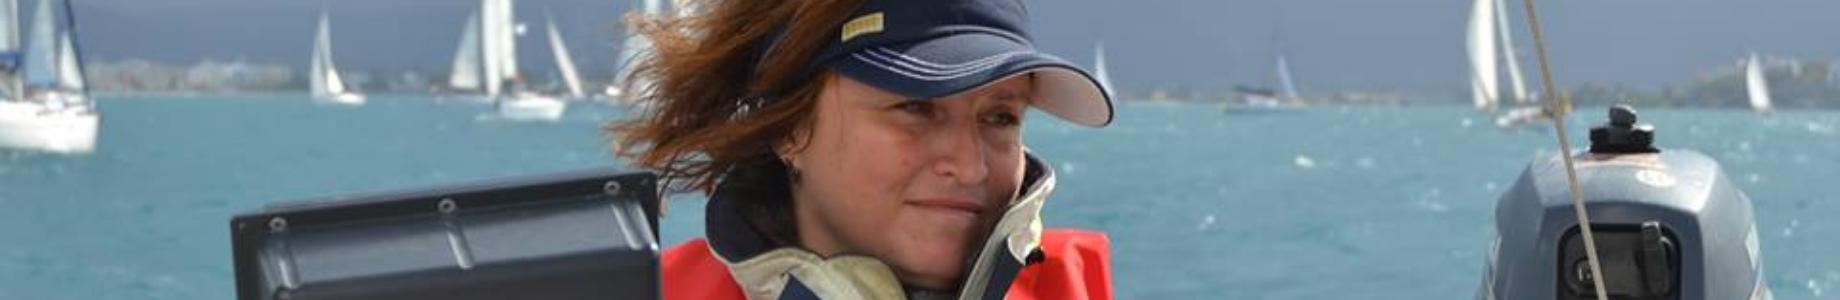 Надежда Темес. Женщина на корабле, ставшая капитаном